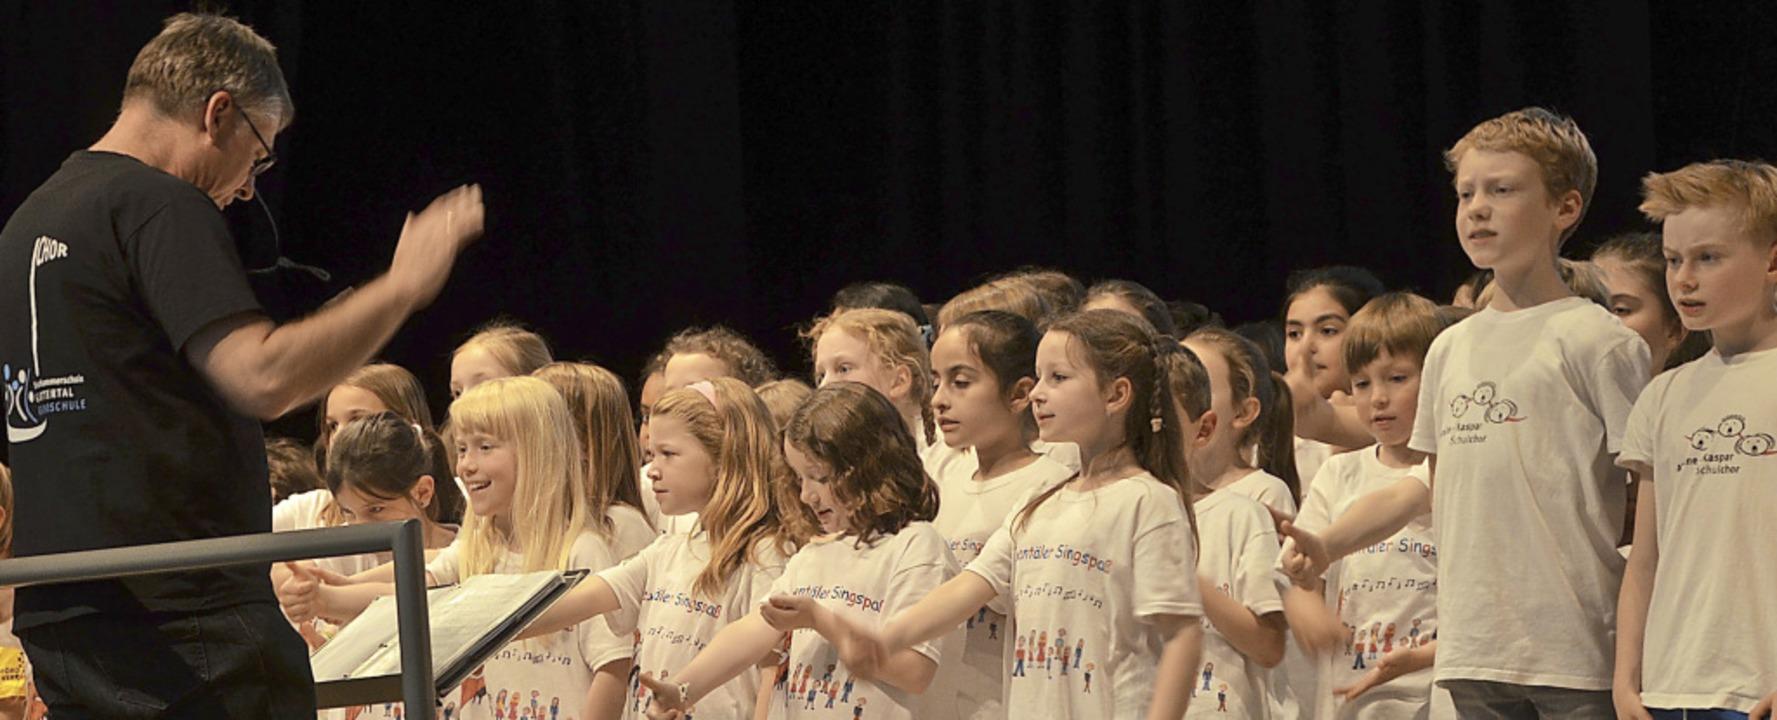 Singen verbindet – in diesem Fall drei Kinderchöre in Merzhausen.     Foto: Michael Maier